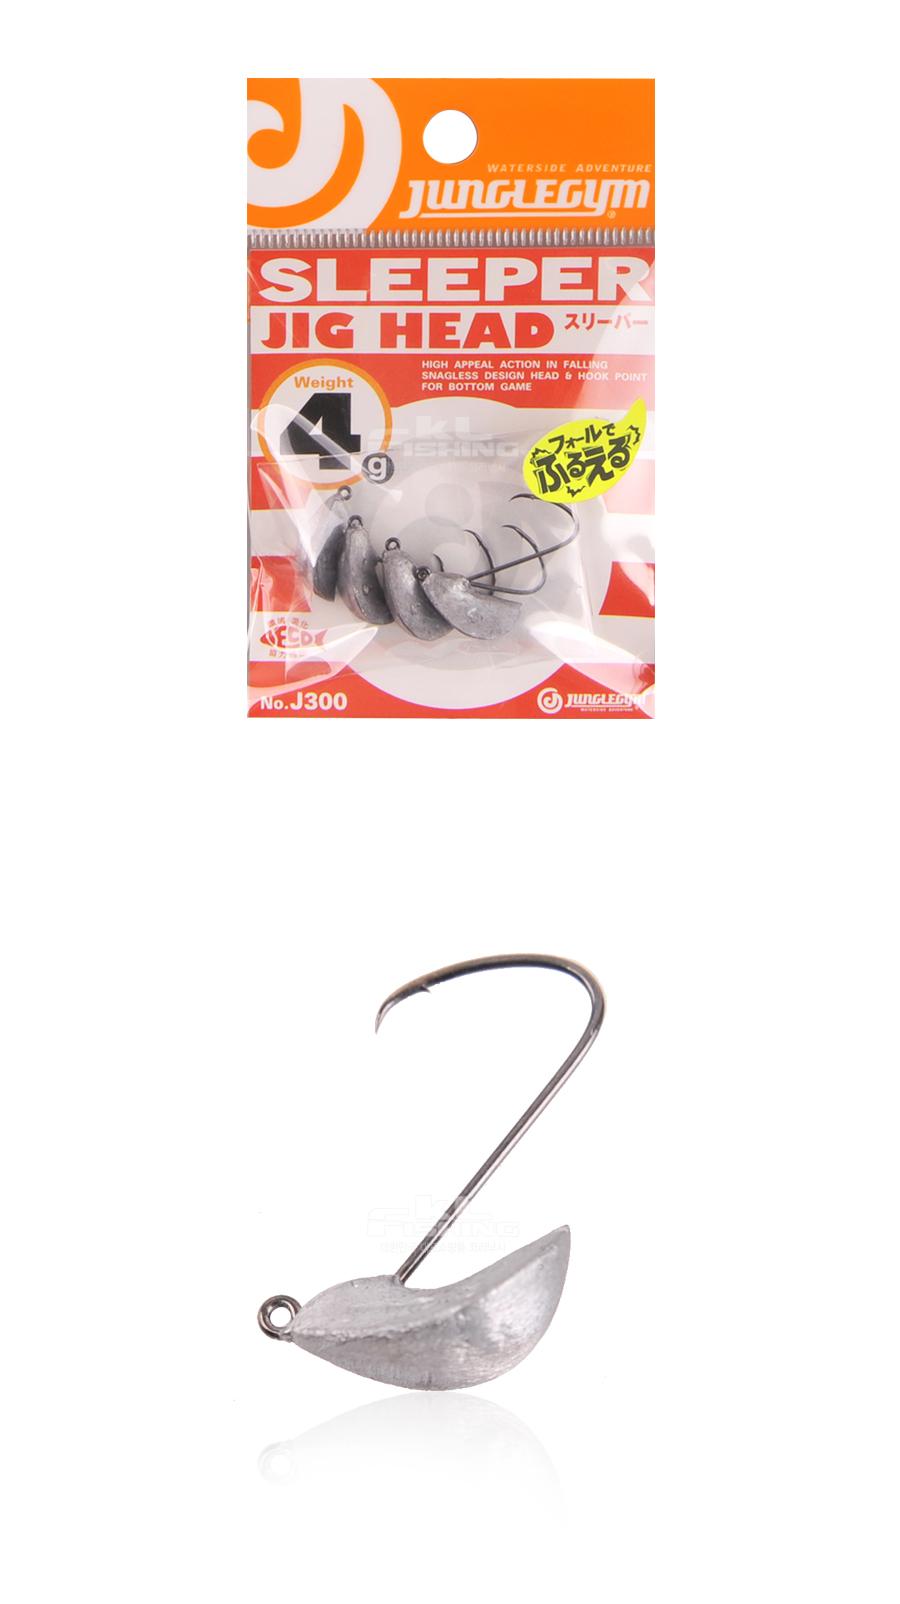 쟝글짐 슬리퍼 지그헤드 (J300) SLEEPER JIG HEAD 플랫피싱 광어 우럭 양태 스탠딩지그헤드